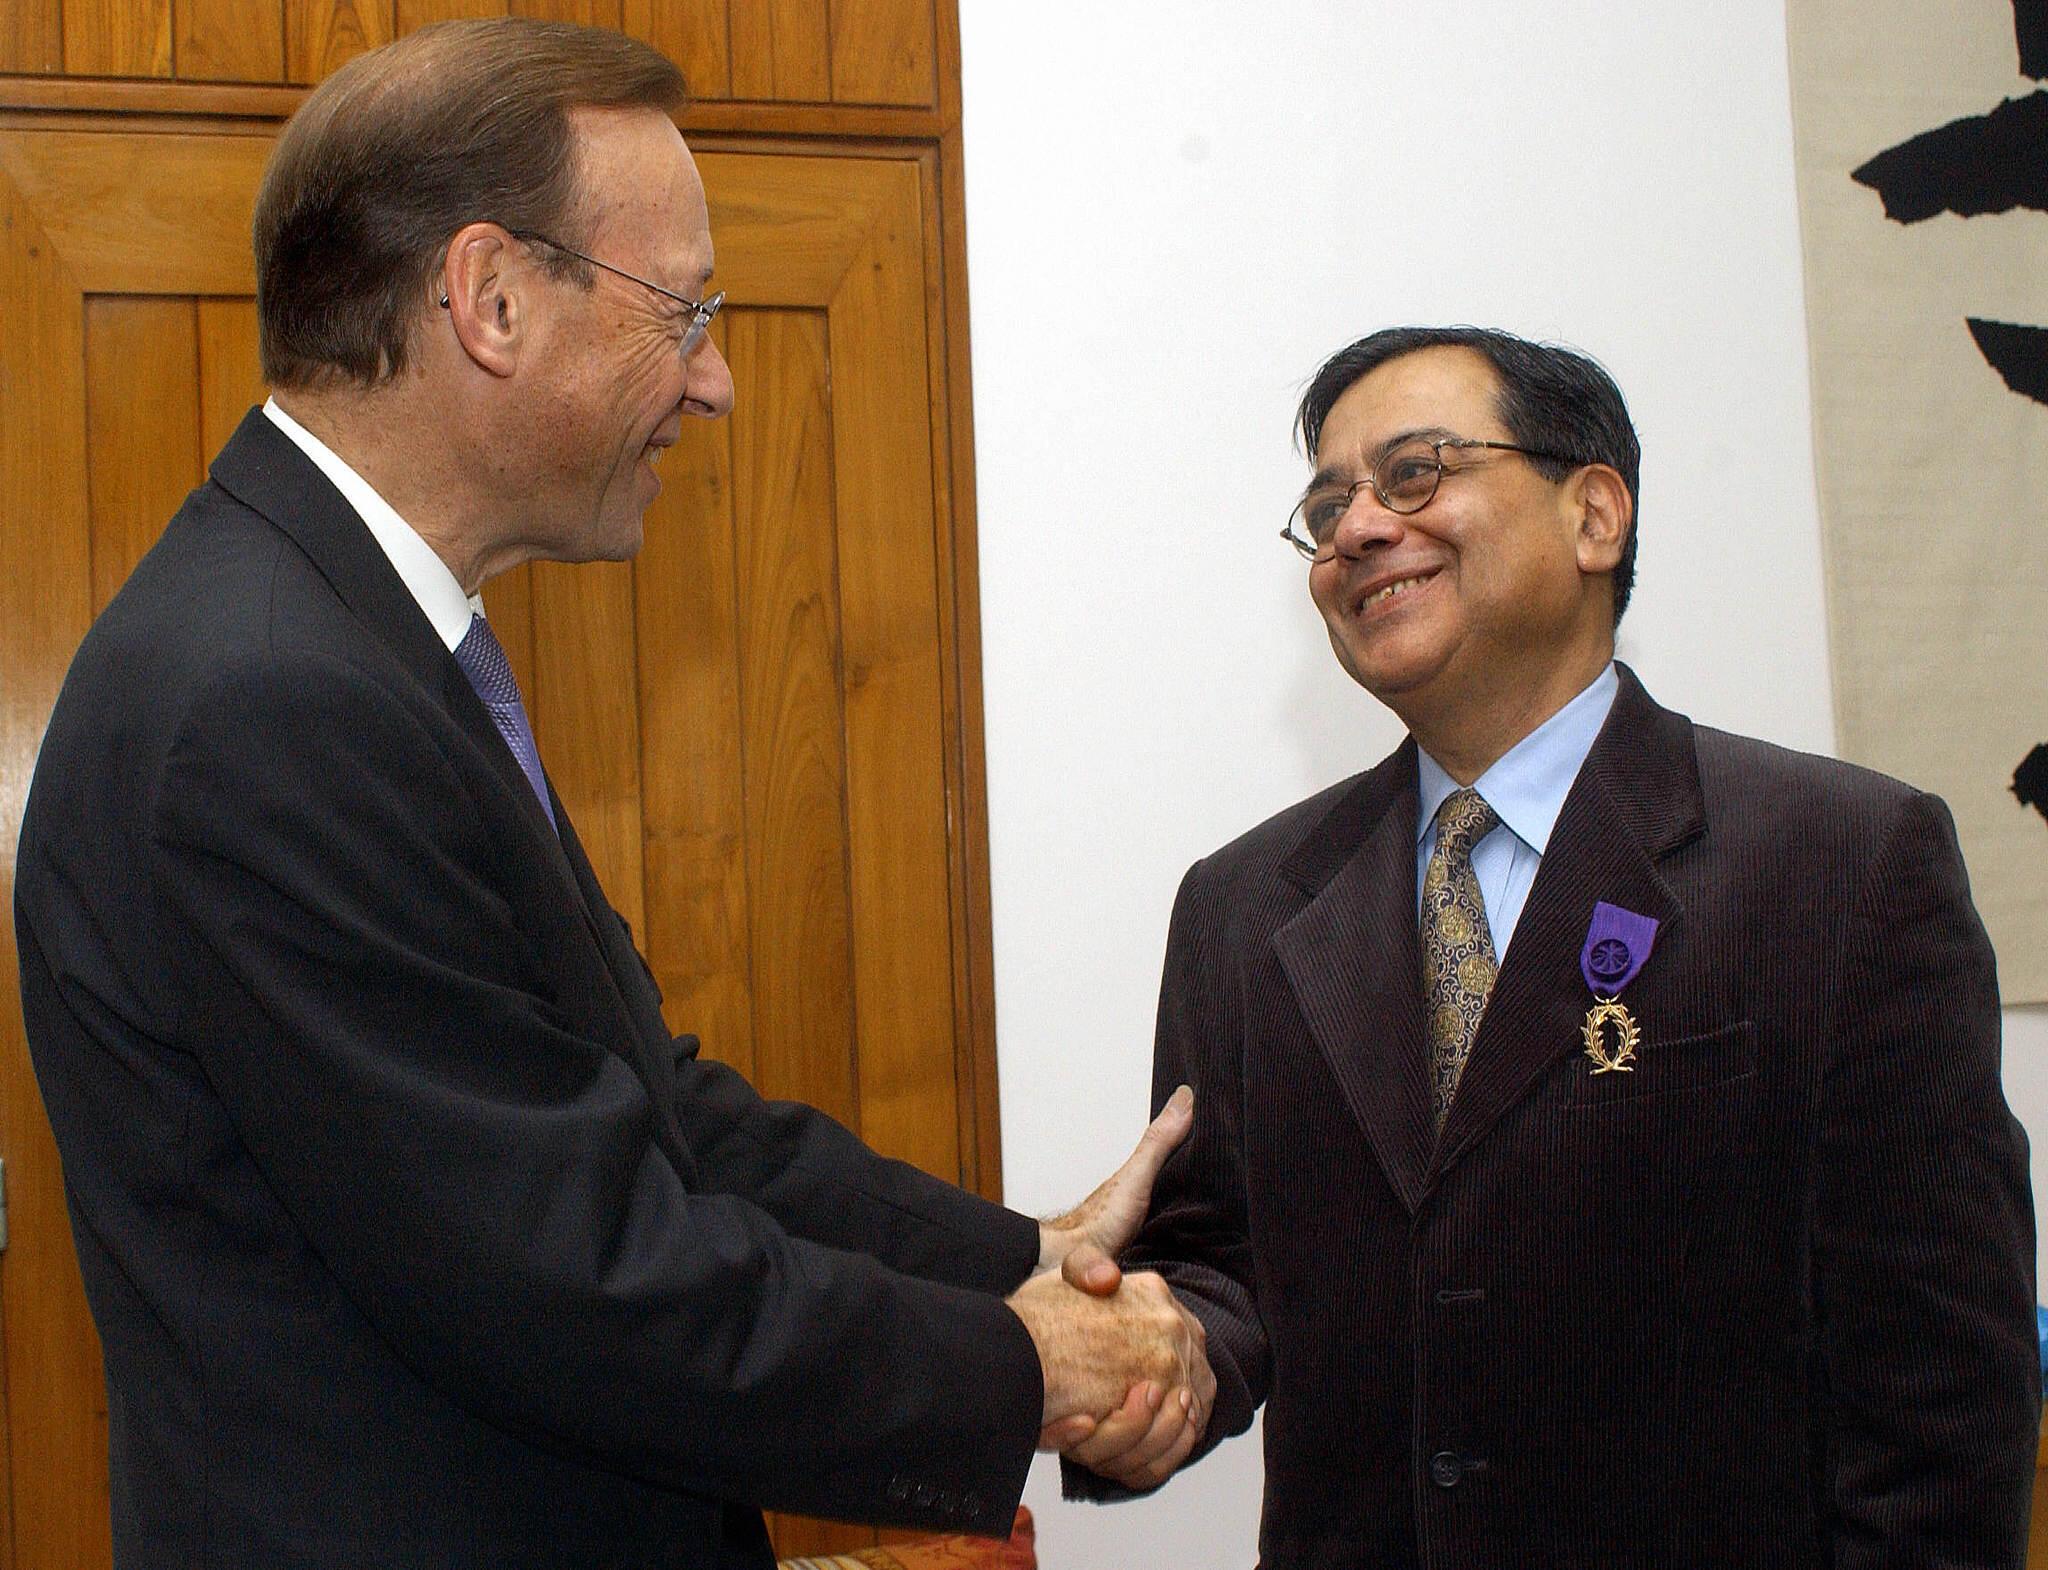 Le ministre français de la Coopération et de la Francophonie, Pierre-André Wiltzer (gauche) félicite le professeur Balveer Arora (droite) après lui avoir remis un prix d'excellence académique à l'ambassade de France à New Delhi, le 10 novembre 2003.